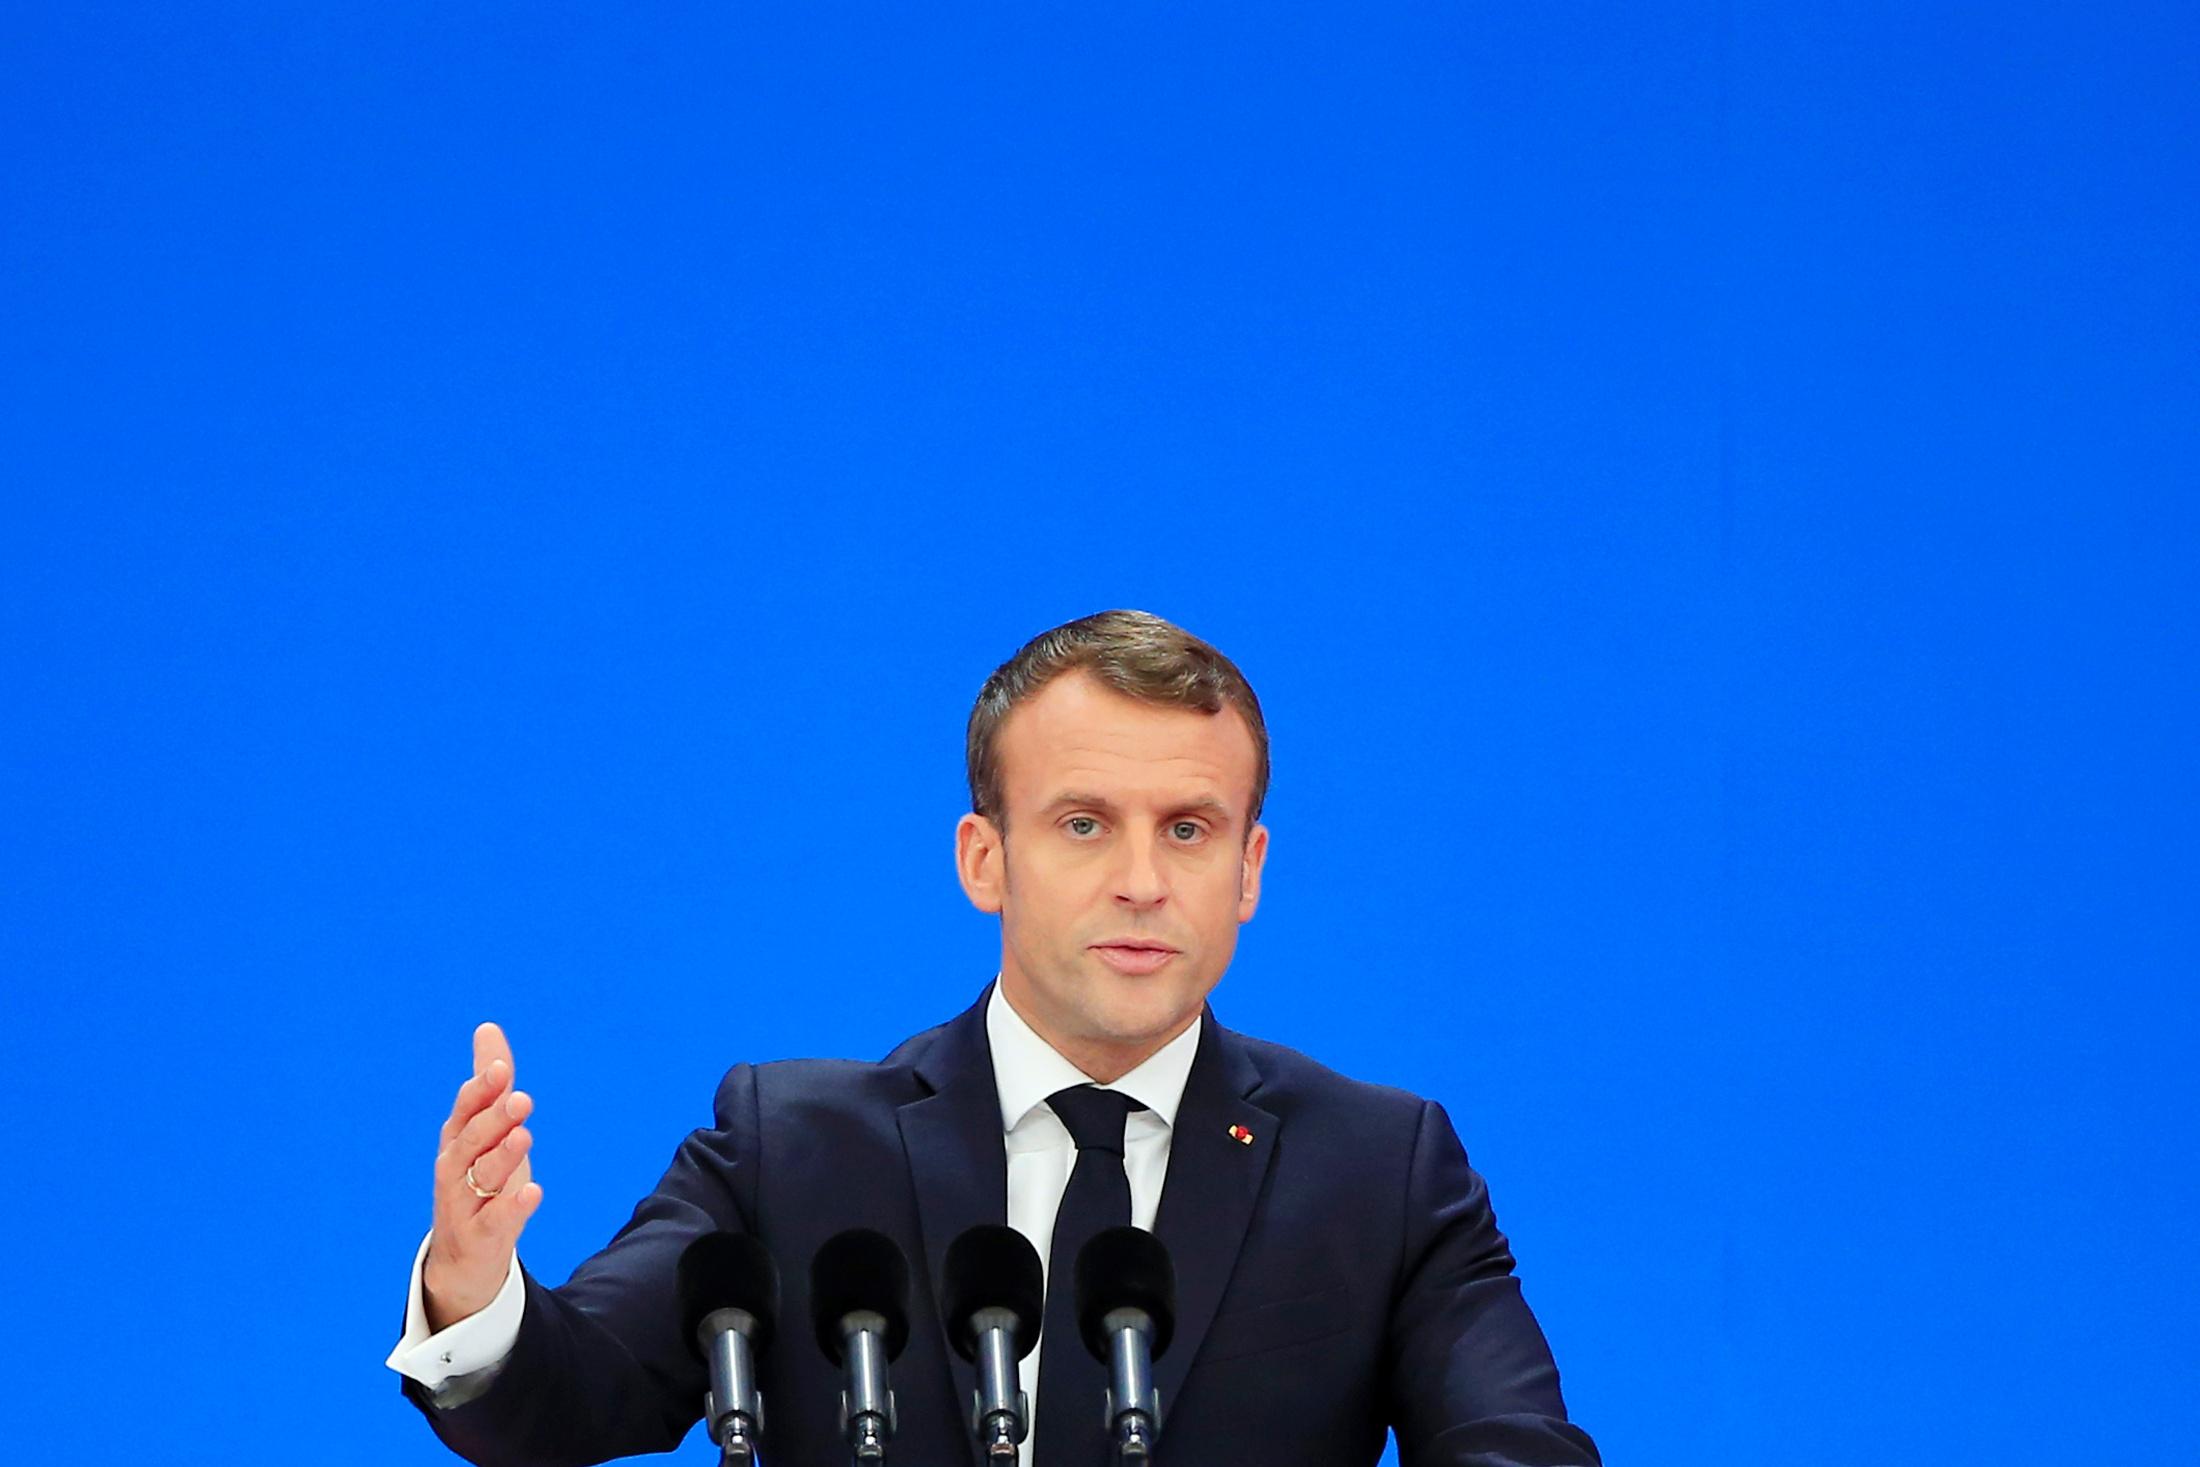 """A un mois du sommet des 70 ans de l'Otan, les propos d'Emmanuel Macron sur une Alliance atlantique en état de """"mort cérébrale"""" provoquent une onde de choc et relancent le débat sur le devenir et la finalité stratégique de l'organisation, déjà sous le coup des critiques répétées de Donald Trump. /Photo prise le 5 novembre 2019/REUTERS/Aly Song"""